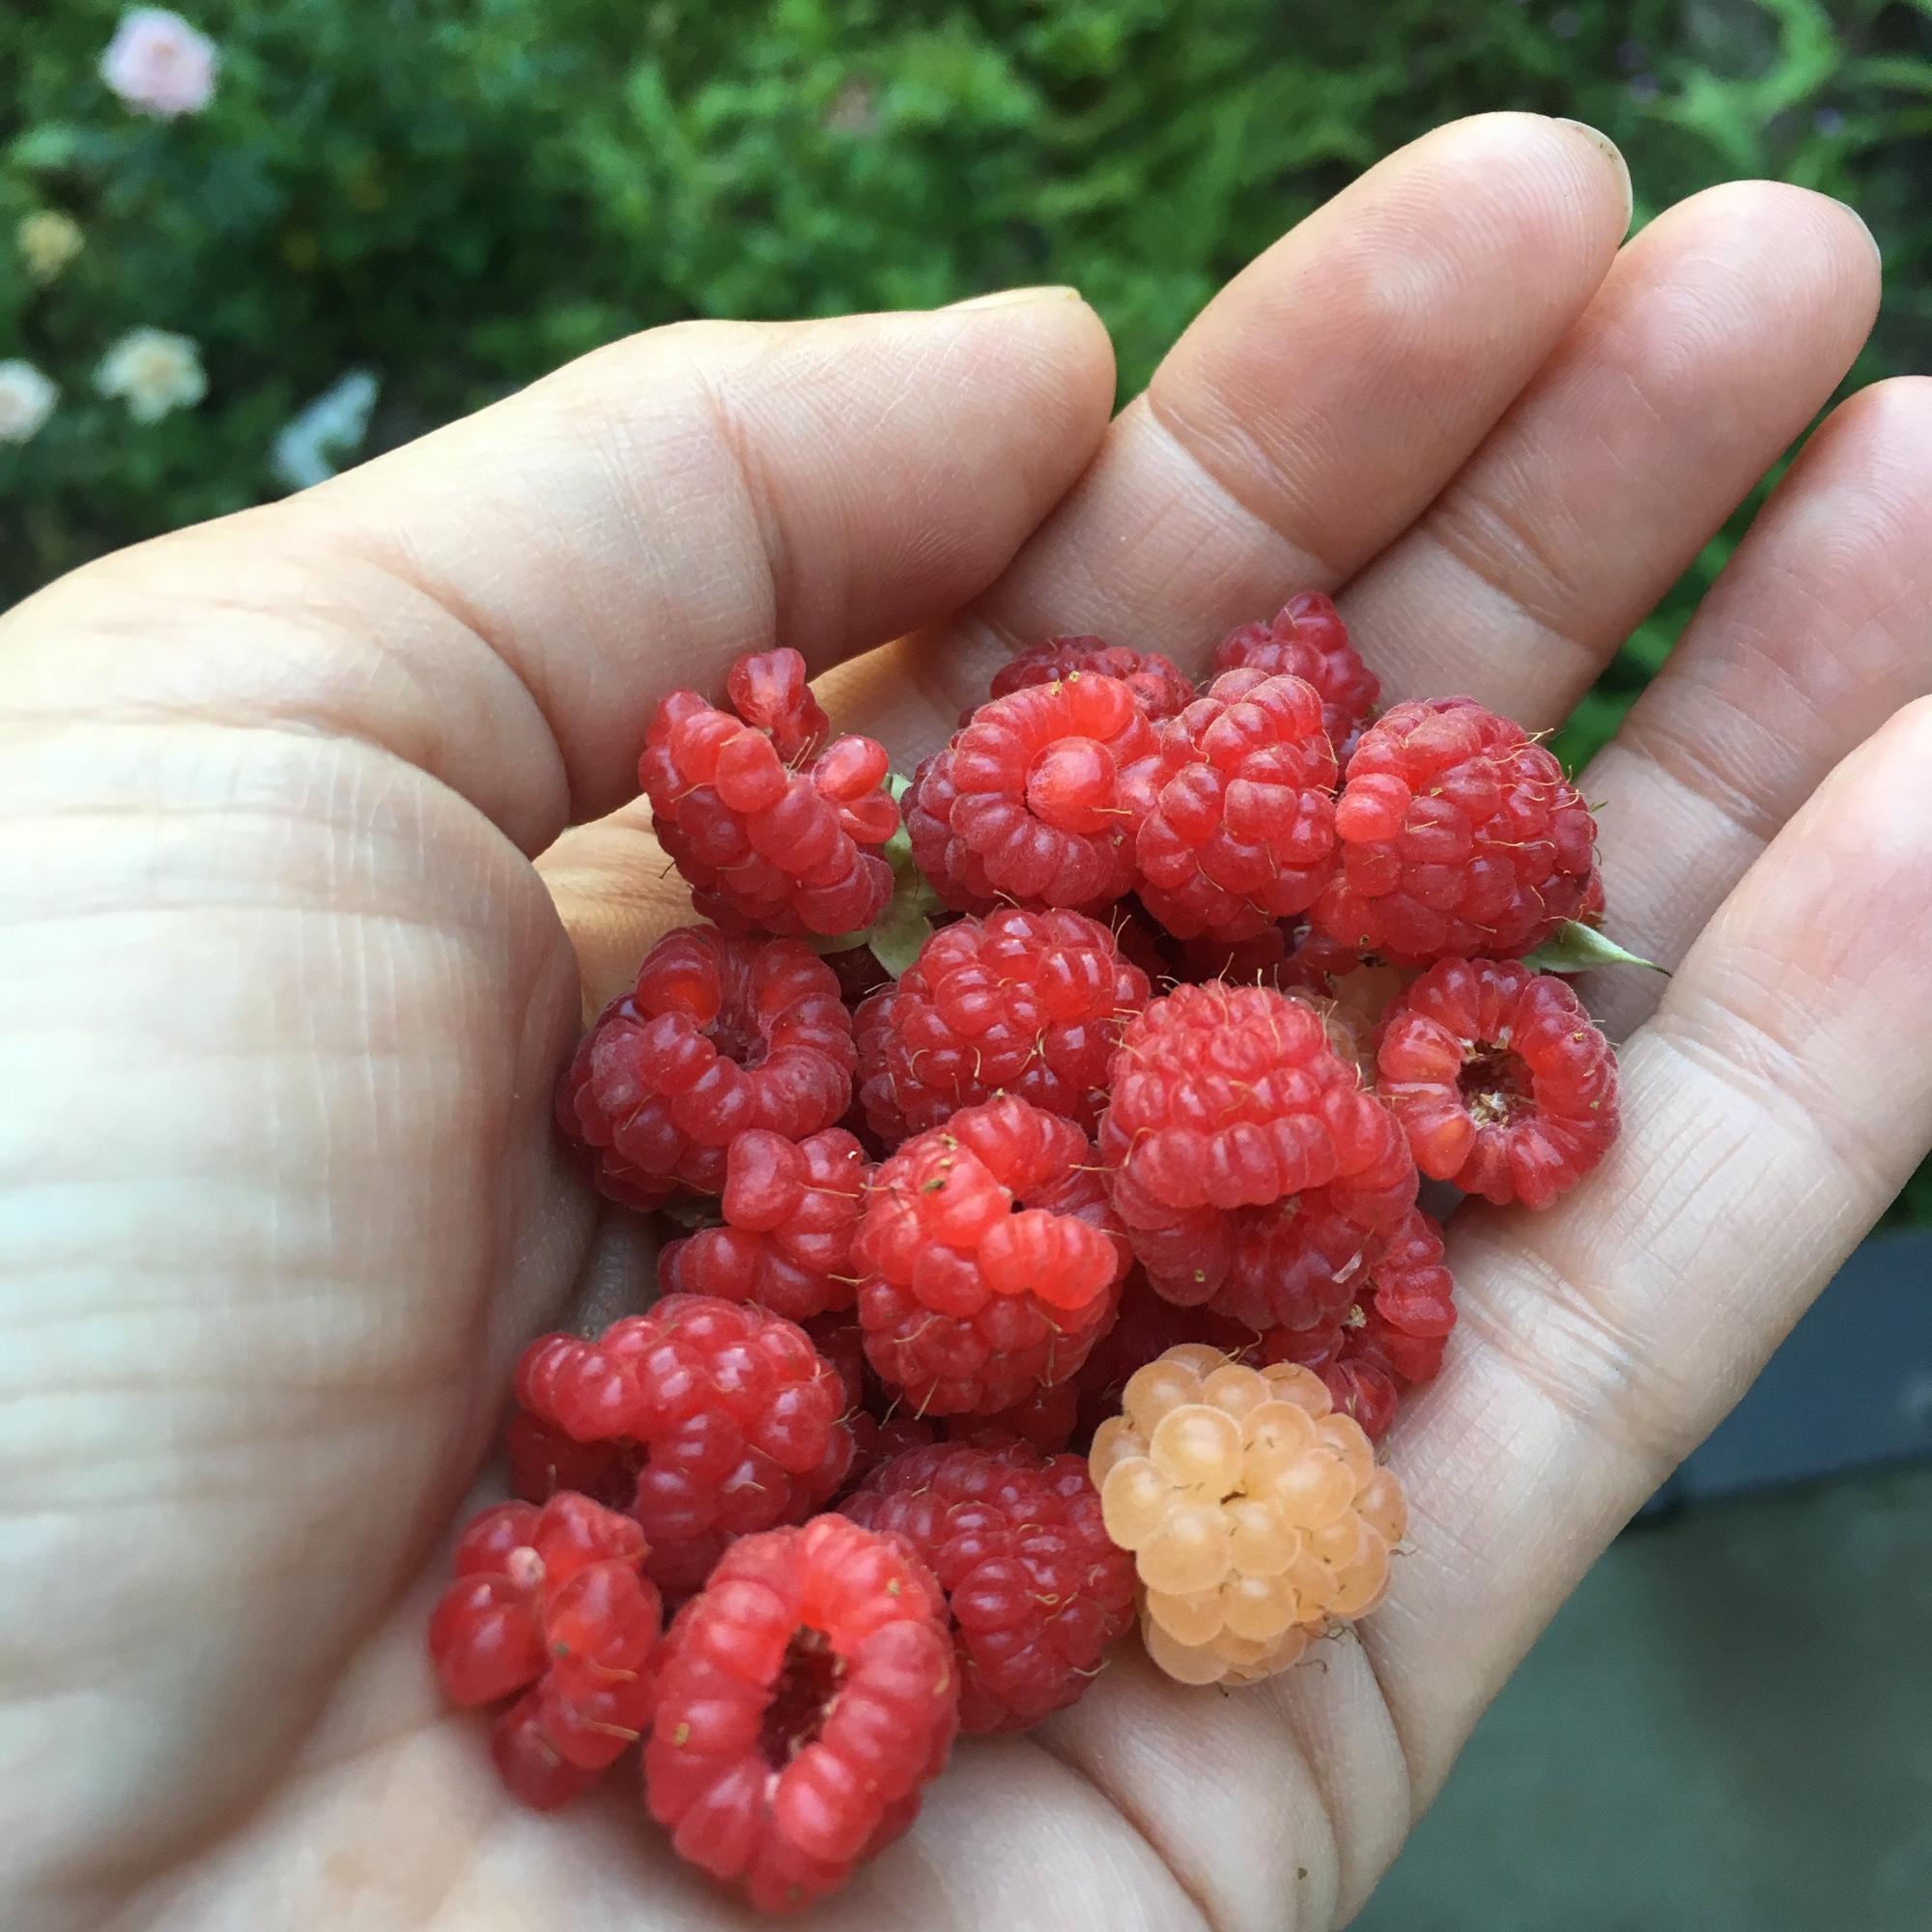 去年の我が家のラズベリー。この量が3回くらい収穫できました。淡いオレンジ色のは「サーモンベリー」という珍しい品種。お庭に1本だけあります